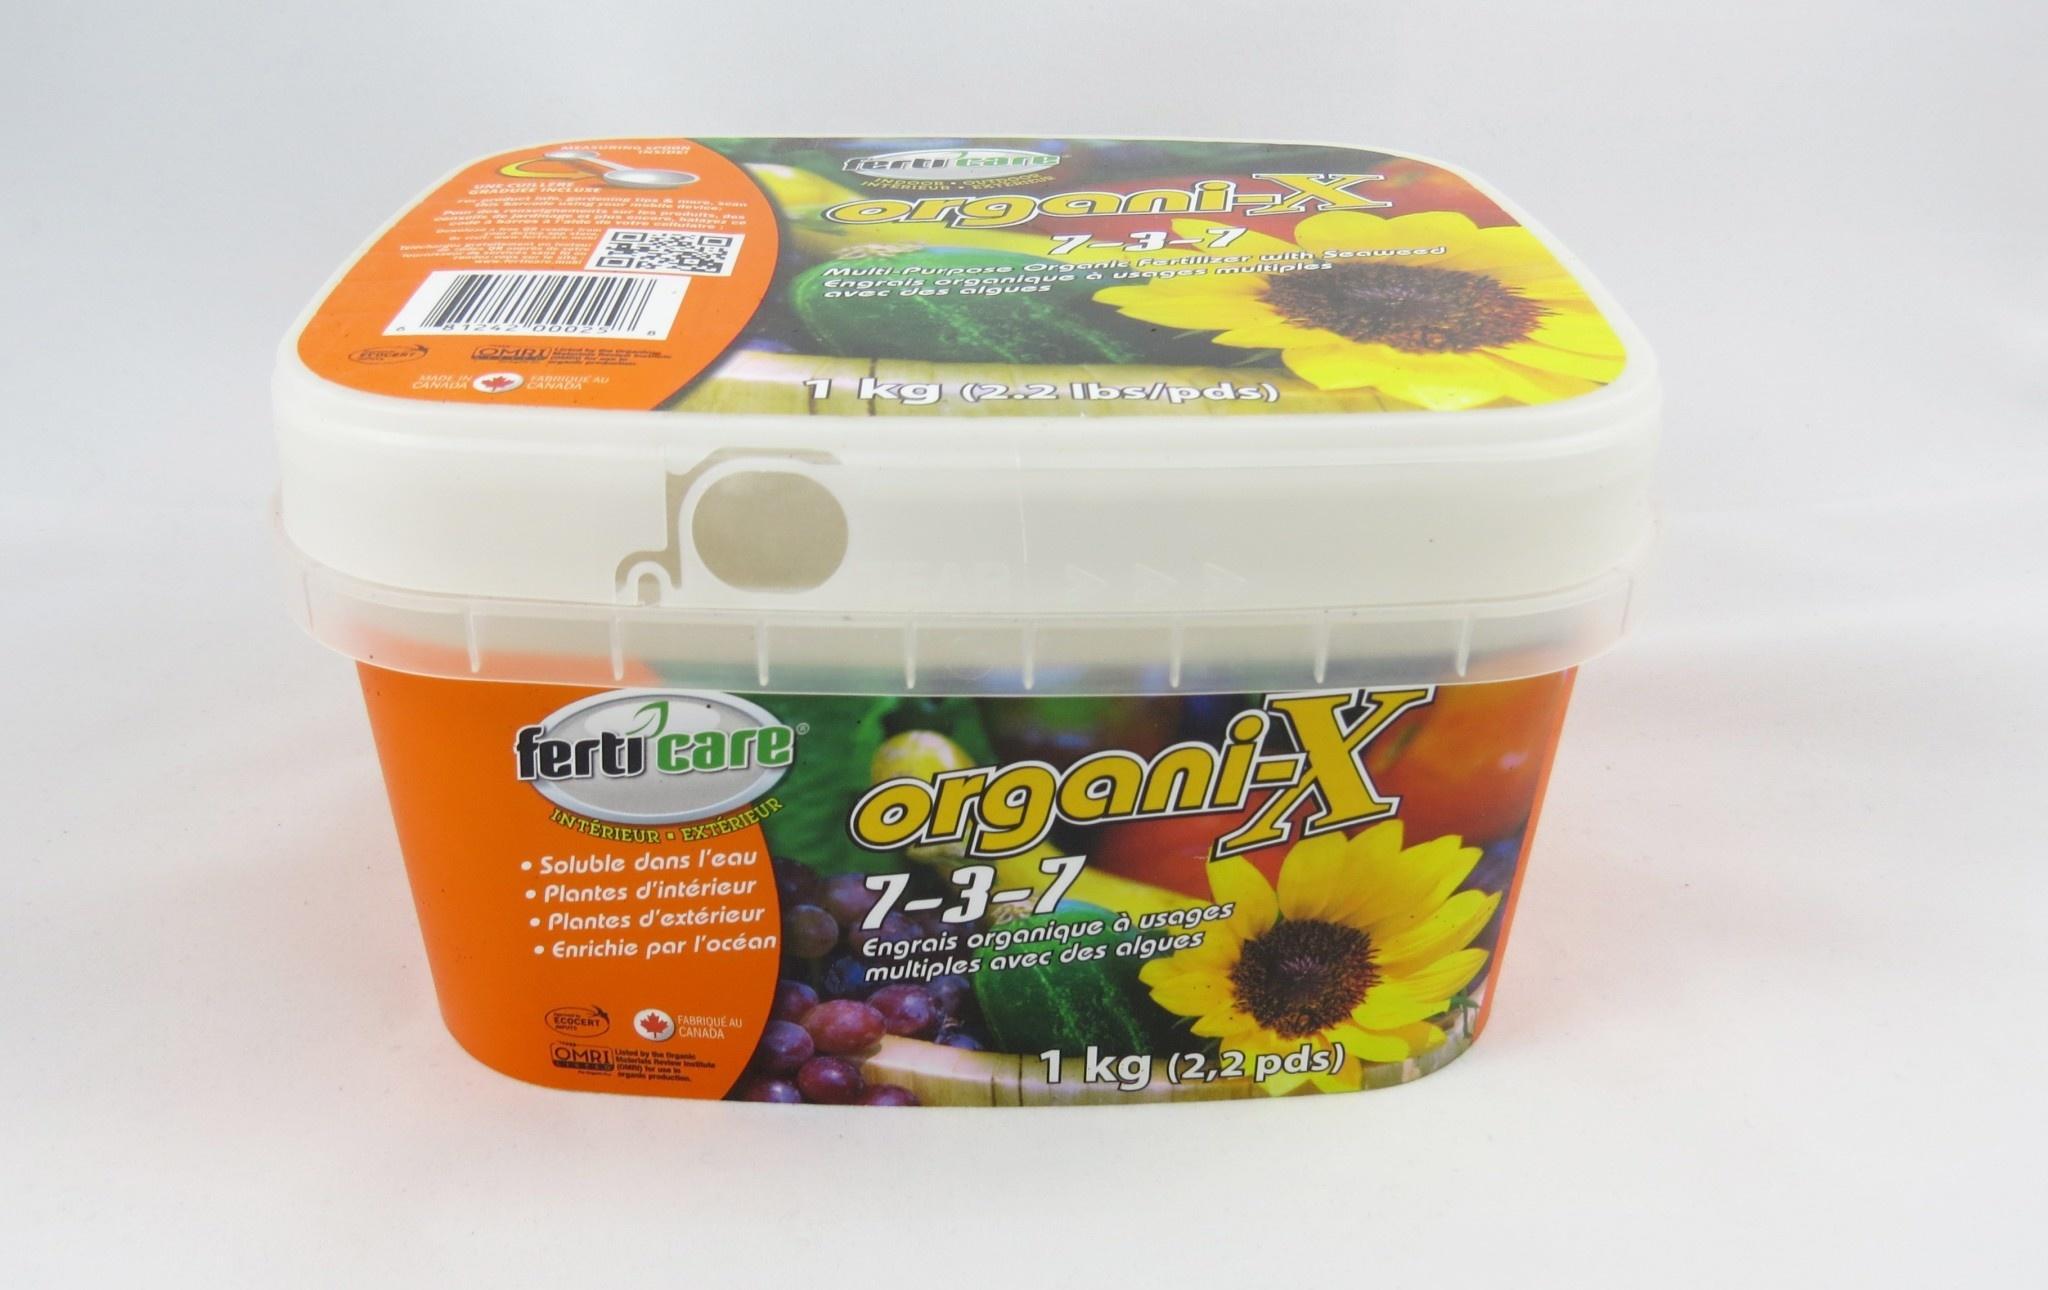 Ferticare Ferticare organi-X 7-3-7 (1kg)